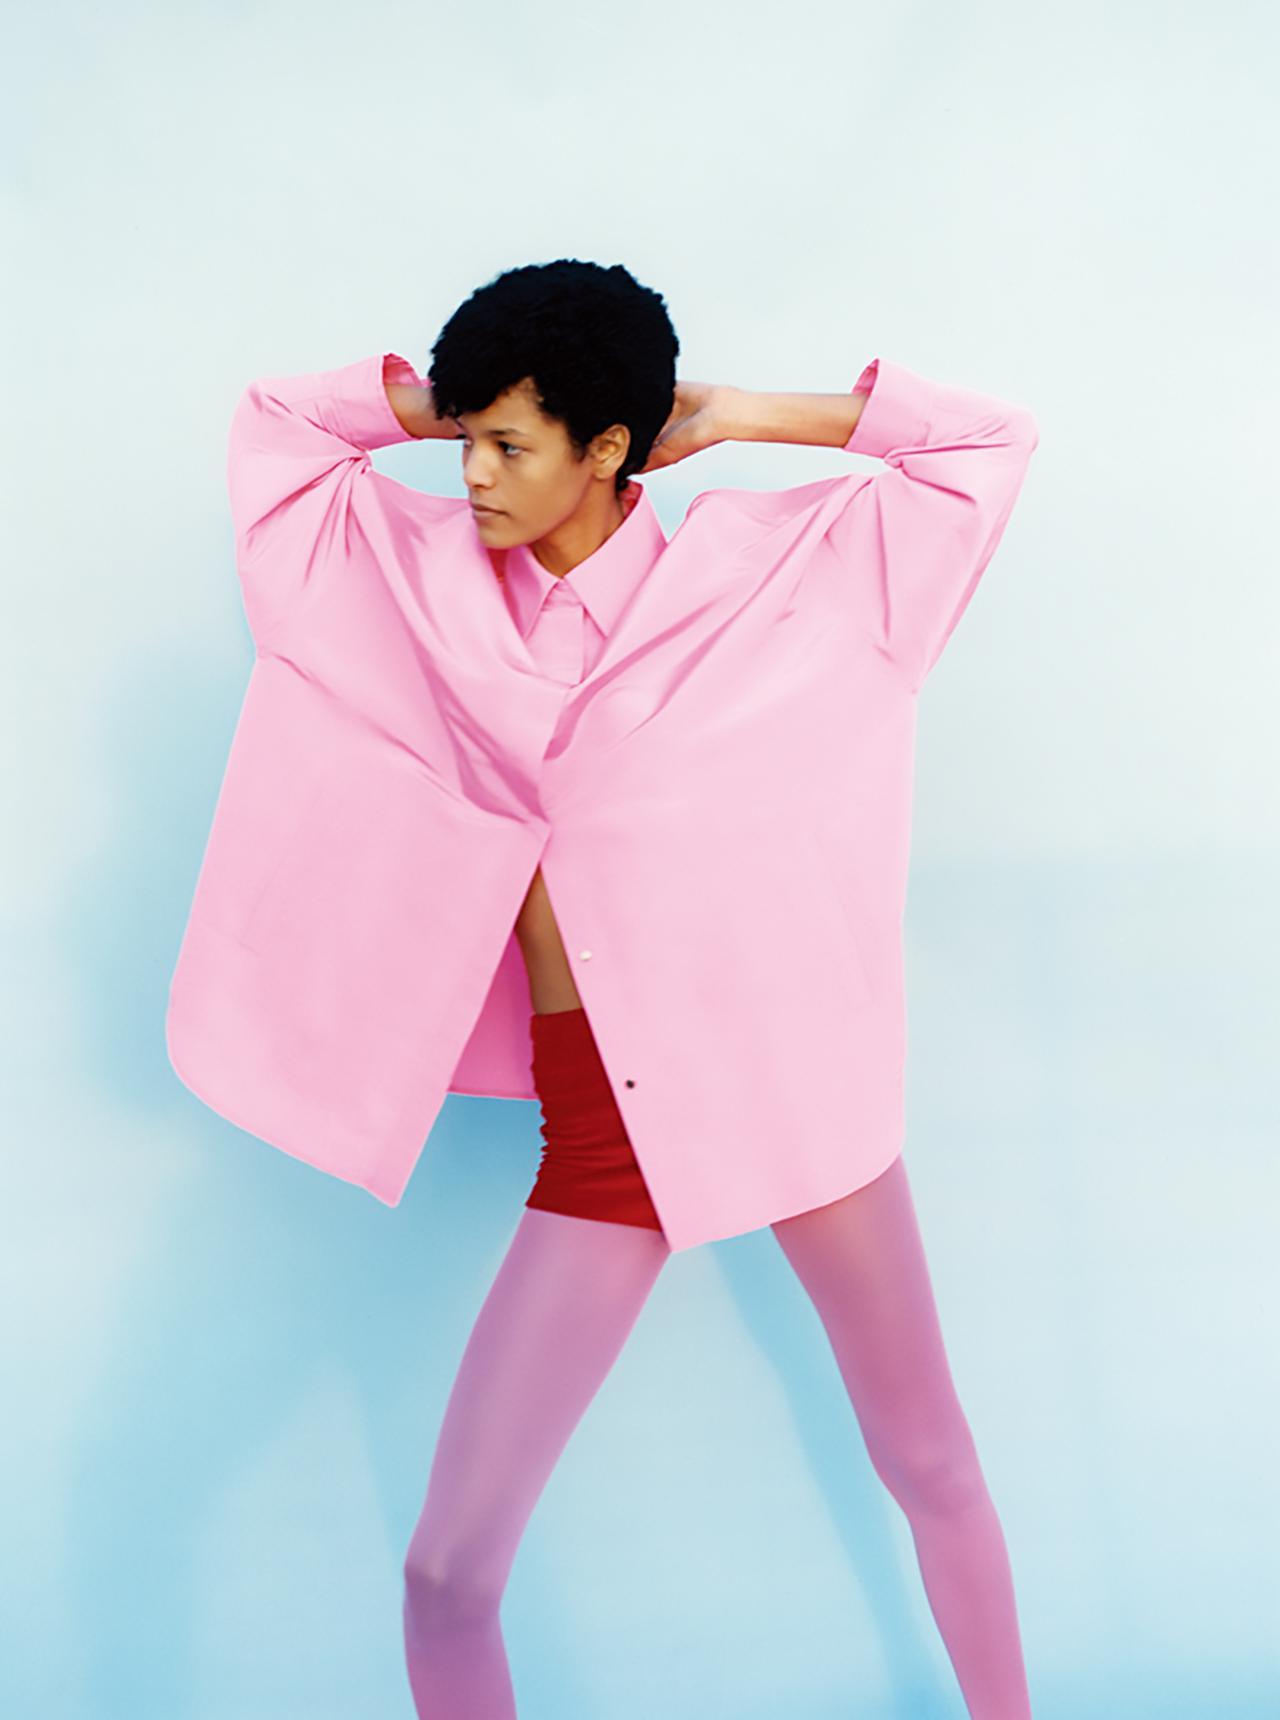 """Images : 5番目の画像 - 「""""私を幸福で満たす色"""" オール・イン・ピンクで 春のモード開花宣言」のアルバム - T JAPAN:The New York Times Style Magazine 公式サイト"""